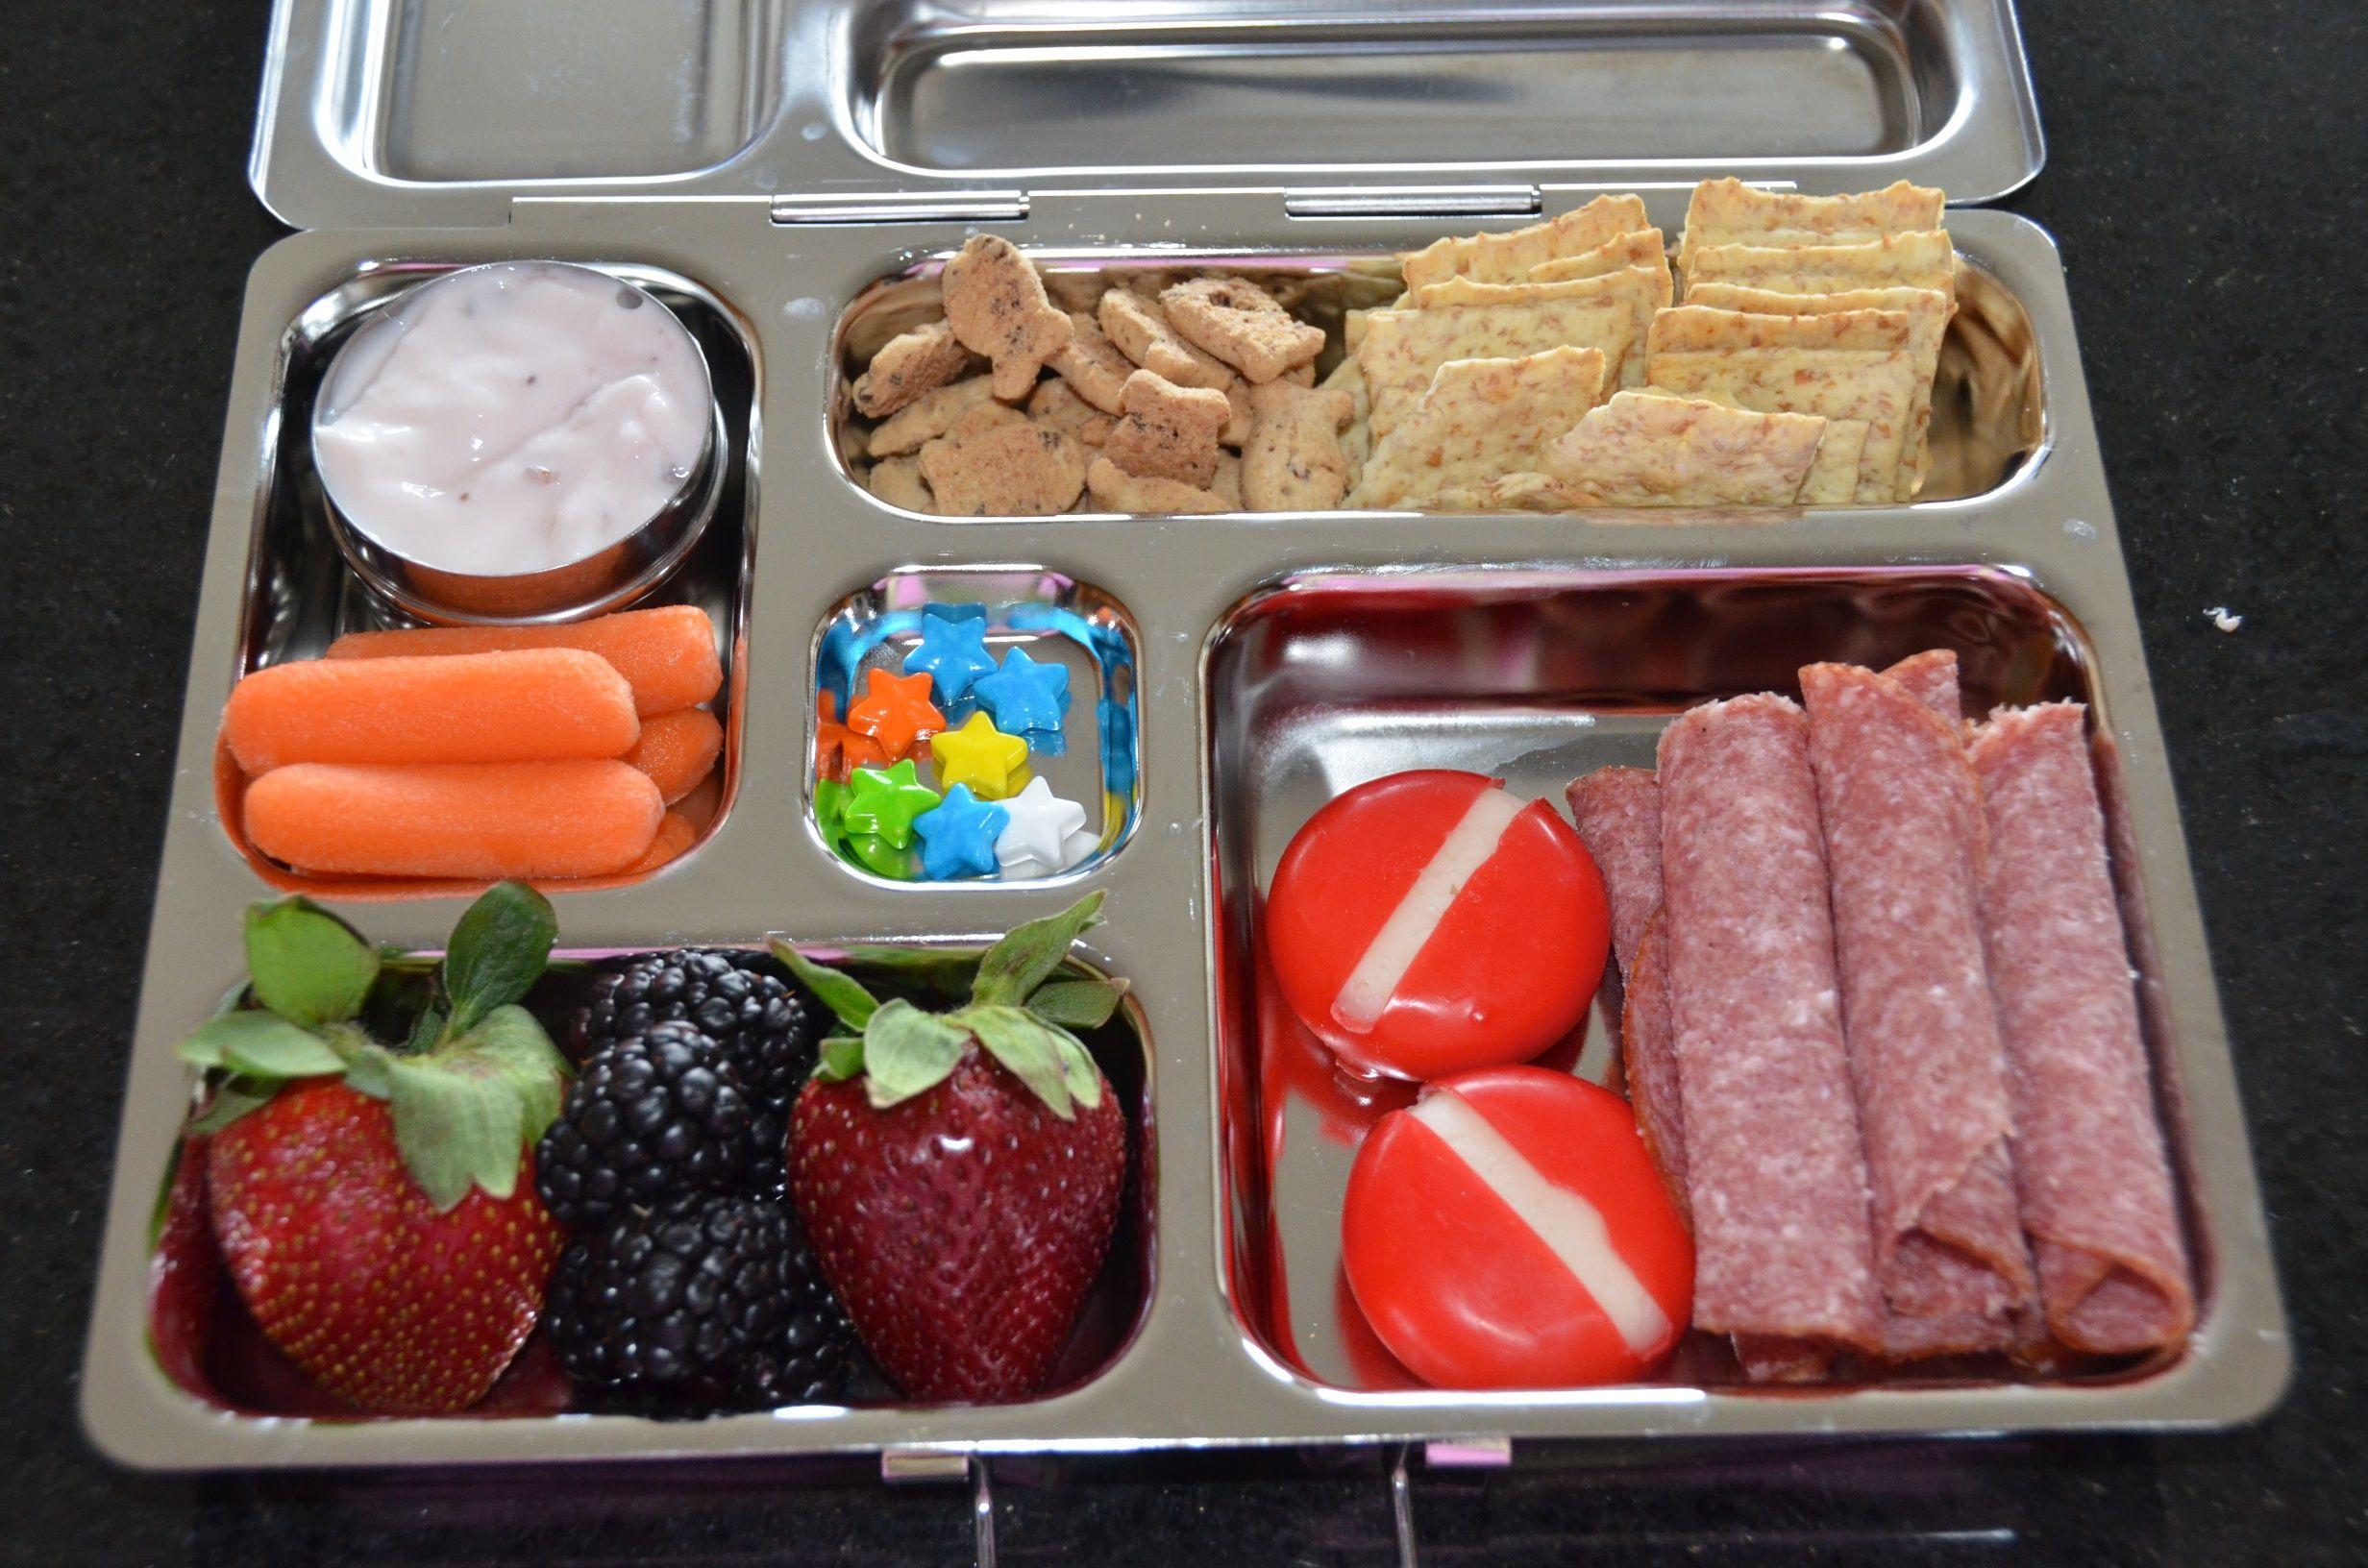 Yogurt, Carrots, strawberries, blackberries, babybel cheese, german salami, wheat thin crackers, chocolate chip goldfish, star candies